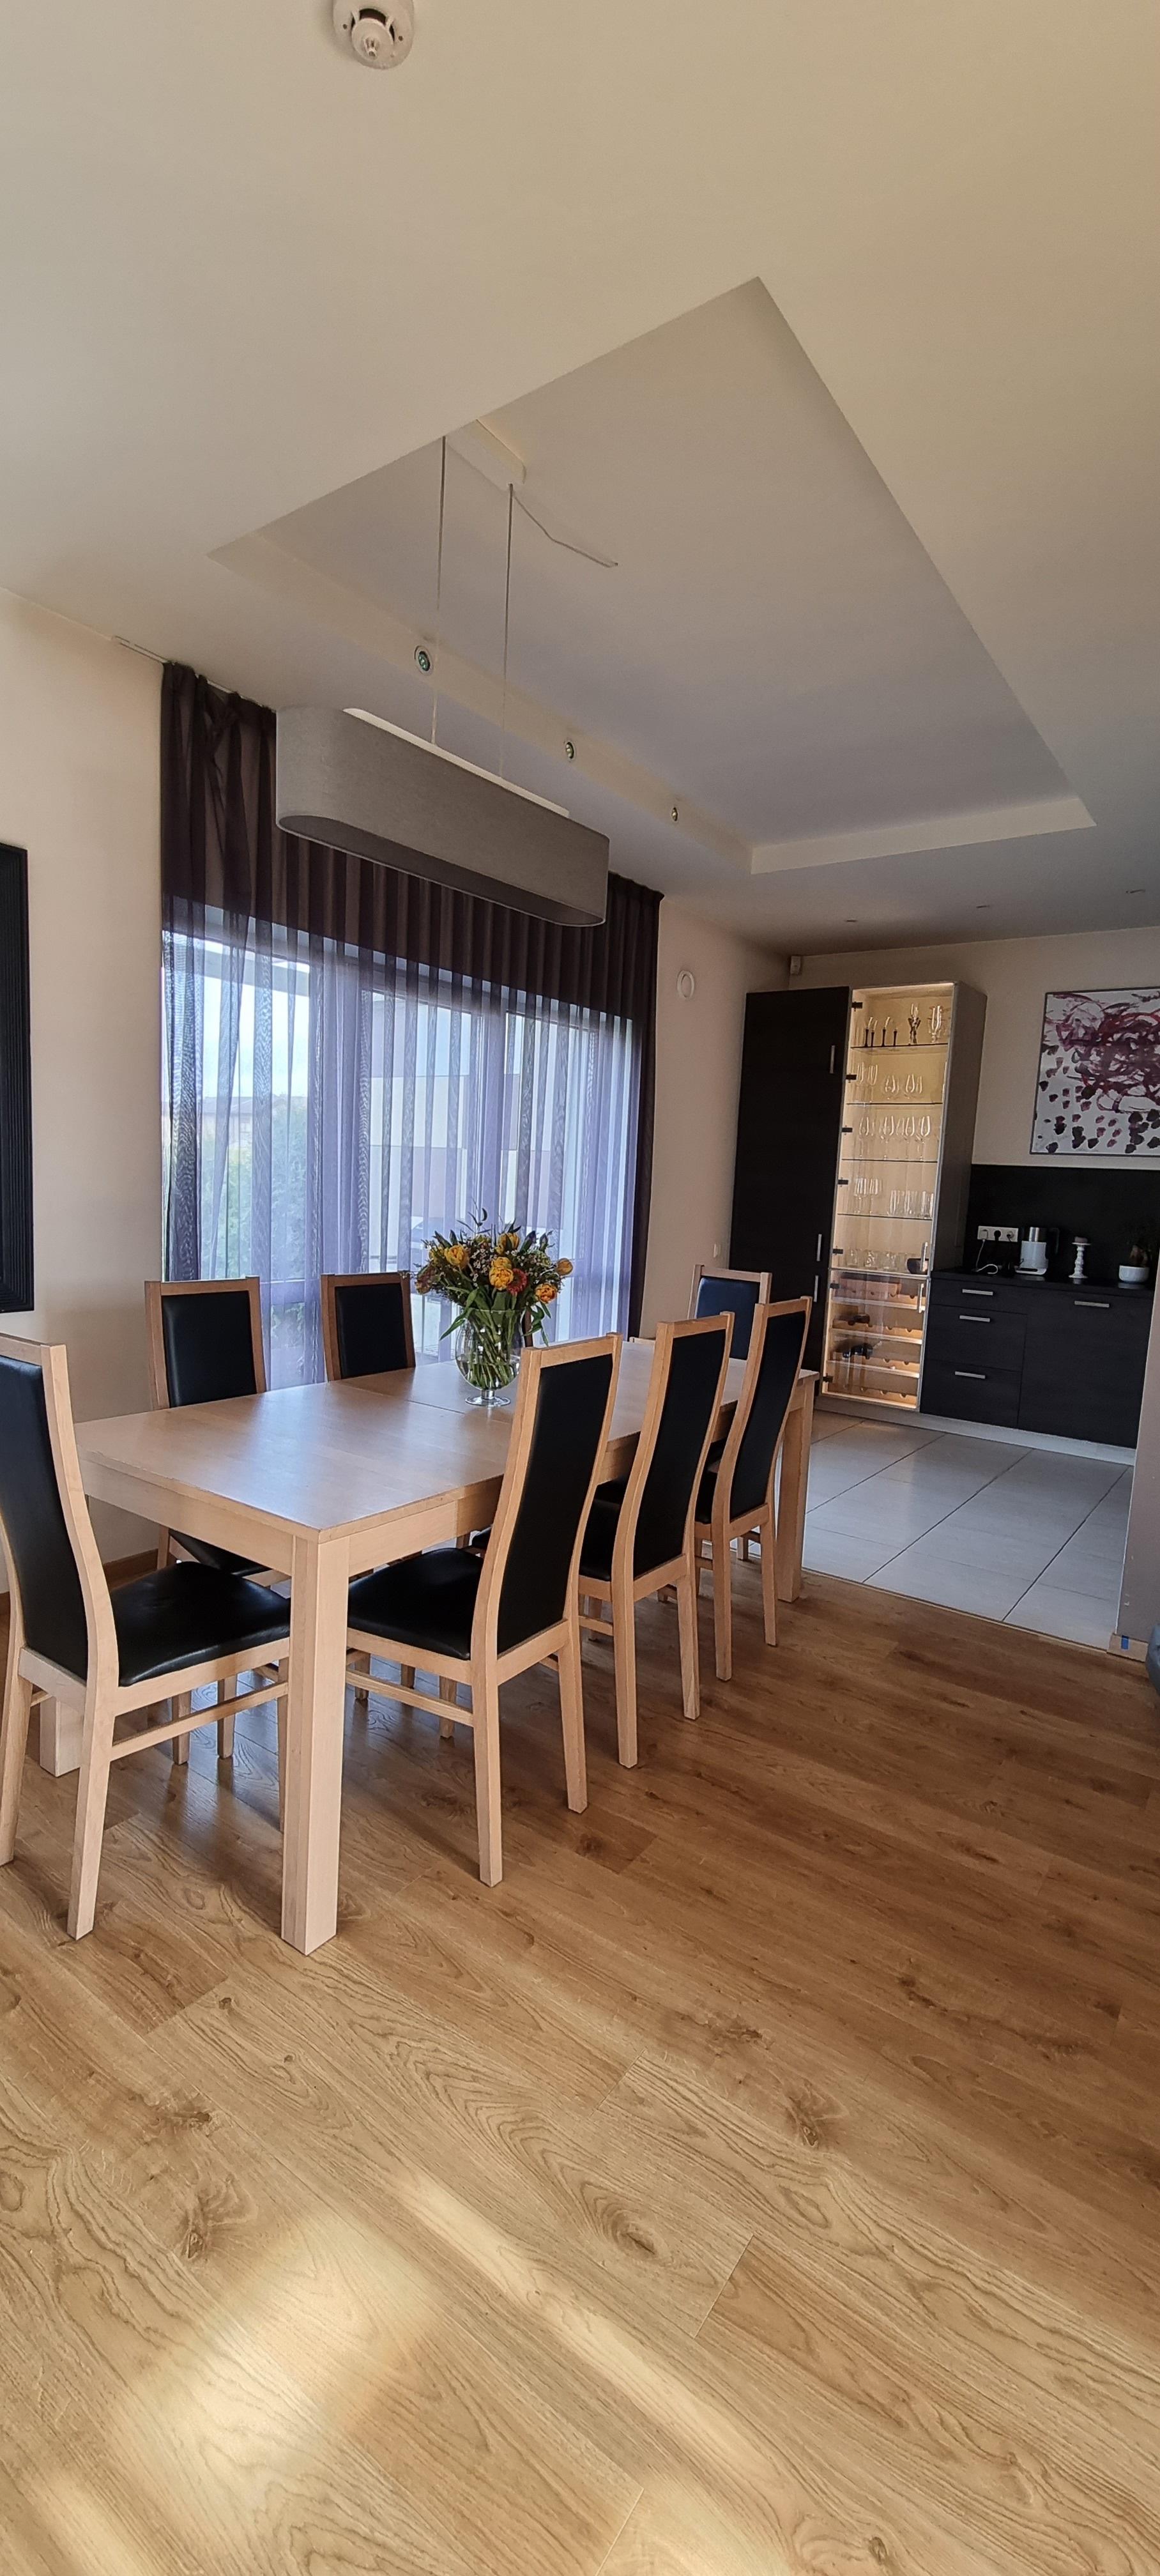 Pārdod māju, Vīnkalnu iela - Attēls 1